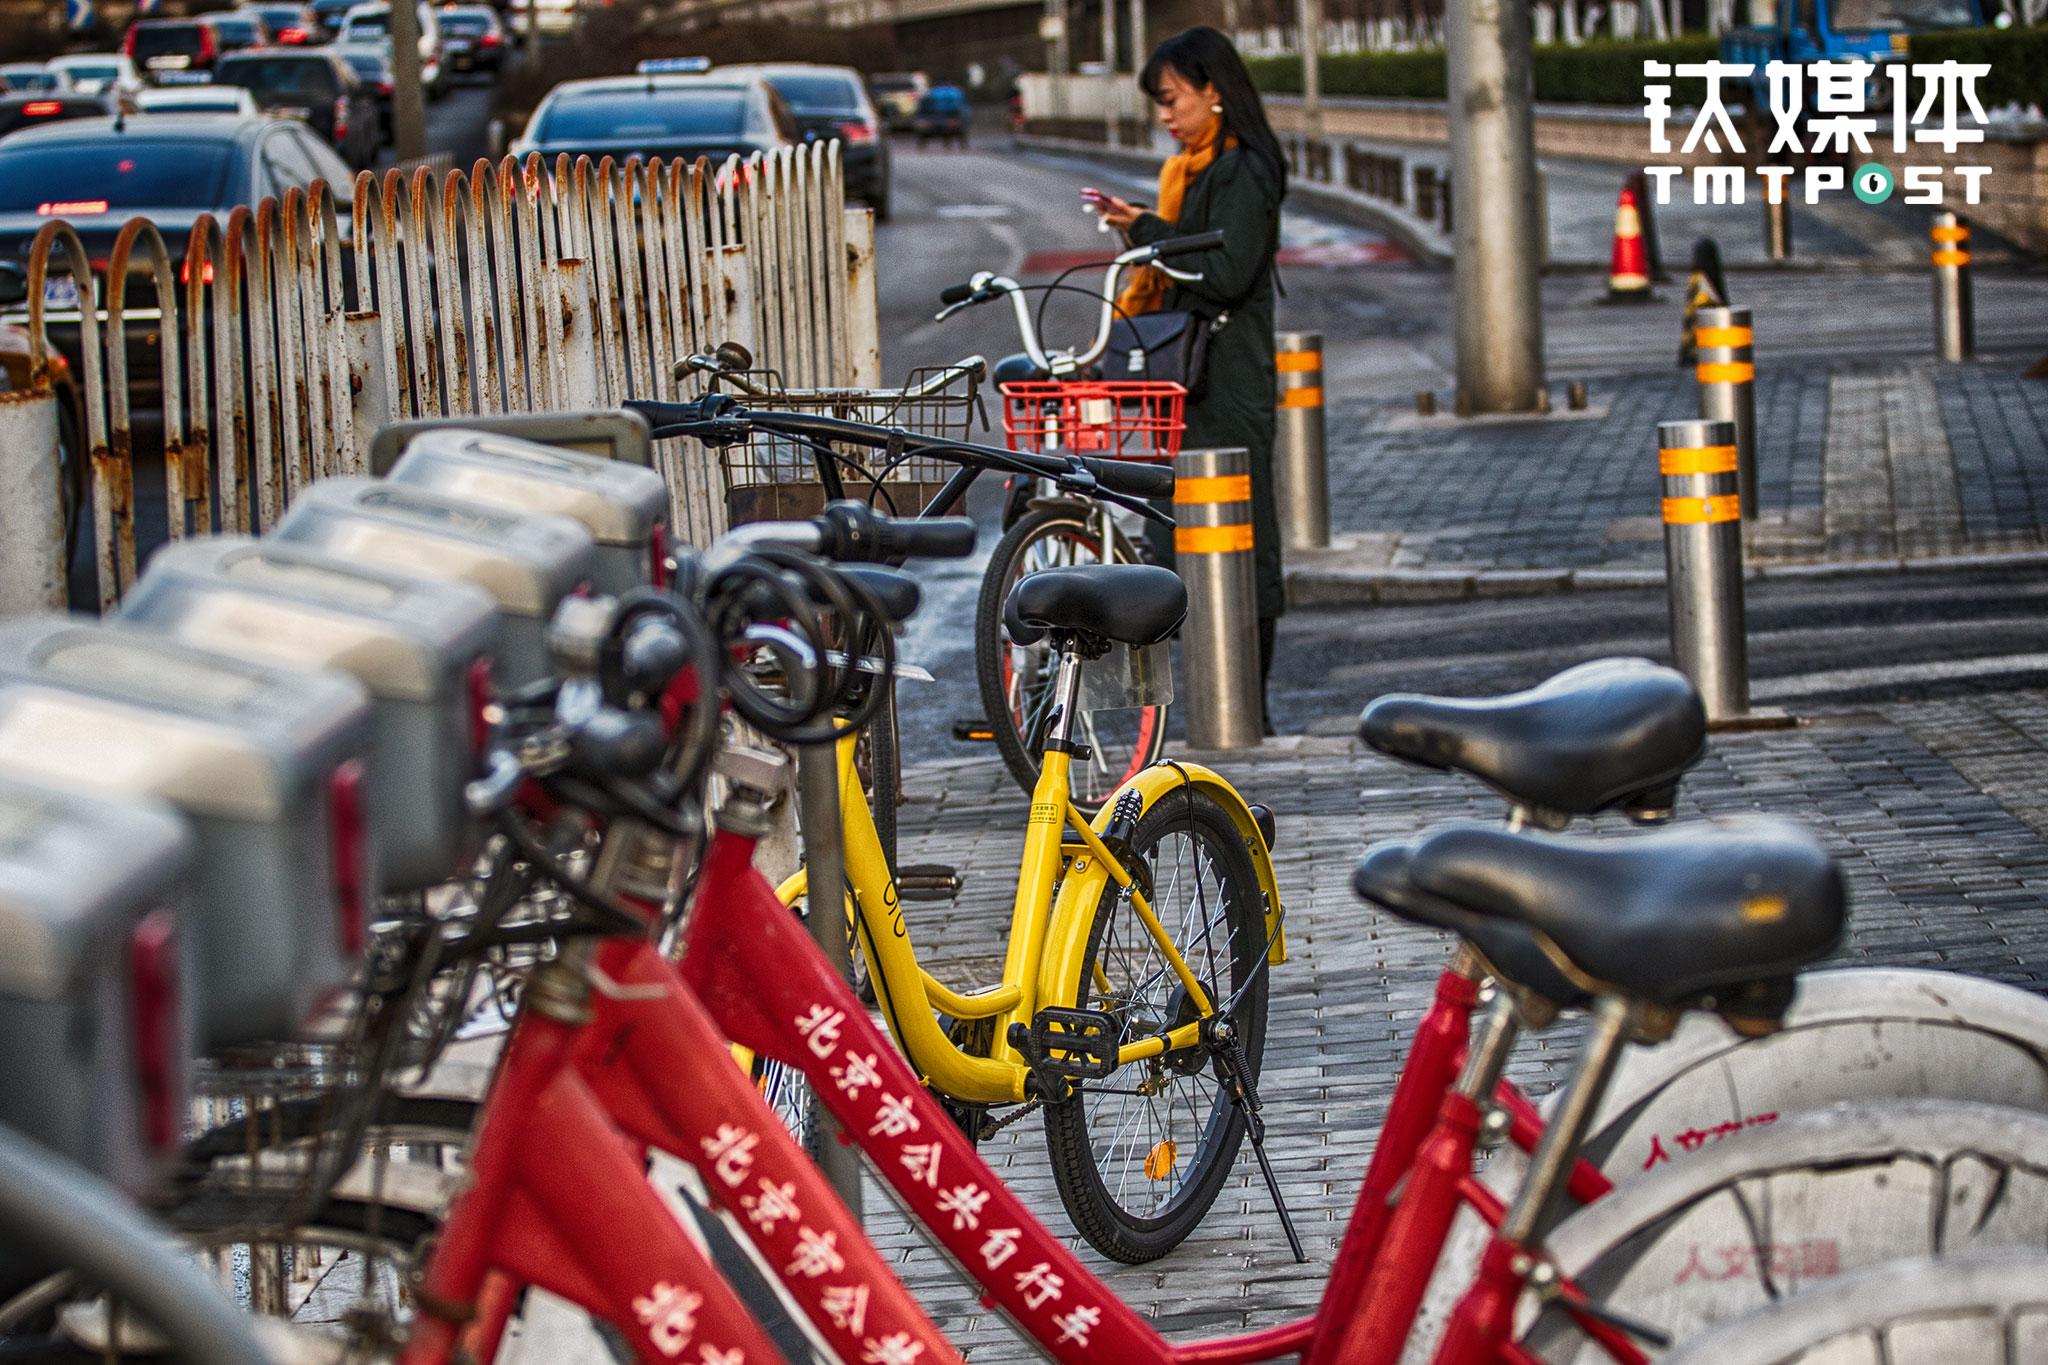 """摩拜、ofo等各色单车的""""街头混战""""也带动了传统公共自行车的改变,2017年2月初,北京公共自行车APP上线,用户实名认证后可实现""""芝麻信用、公交卡、押金租车""""三种方式租车,其中芝麻信用分满600的用户可免押金租车。截止2016年底,北京共投放公共自行车 6.8 万辆,建有租赁站点 2000 个,97%的用户的单次使用时长都在免费使用的一小时之内。"""